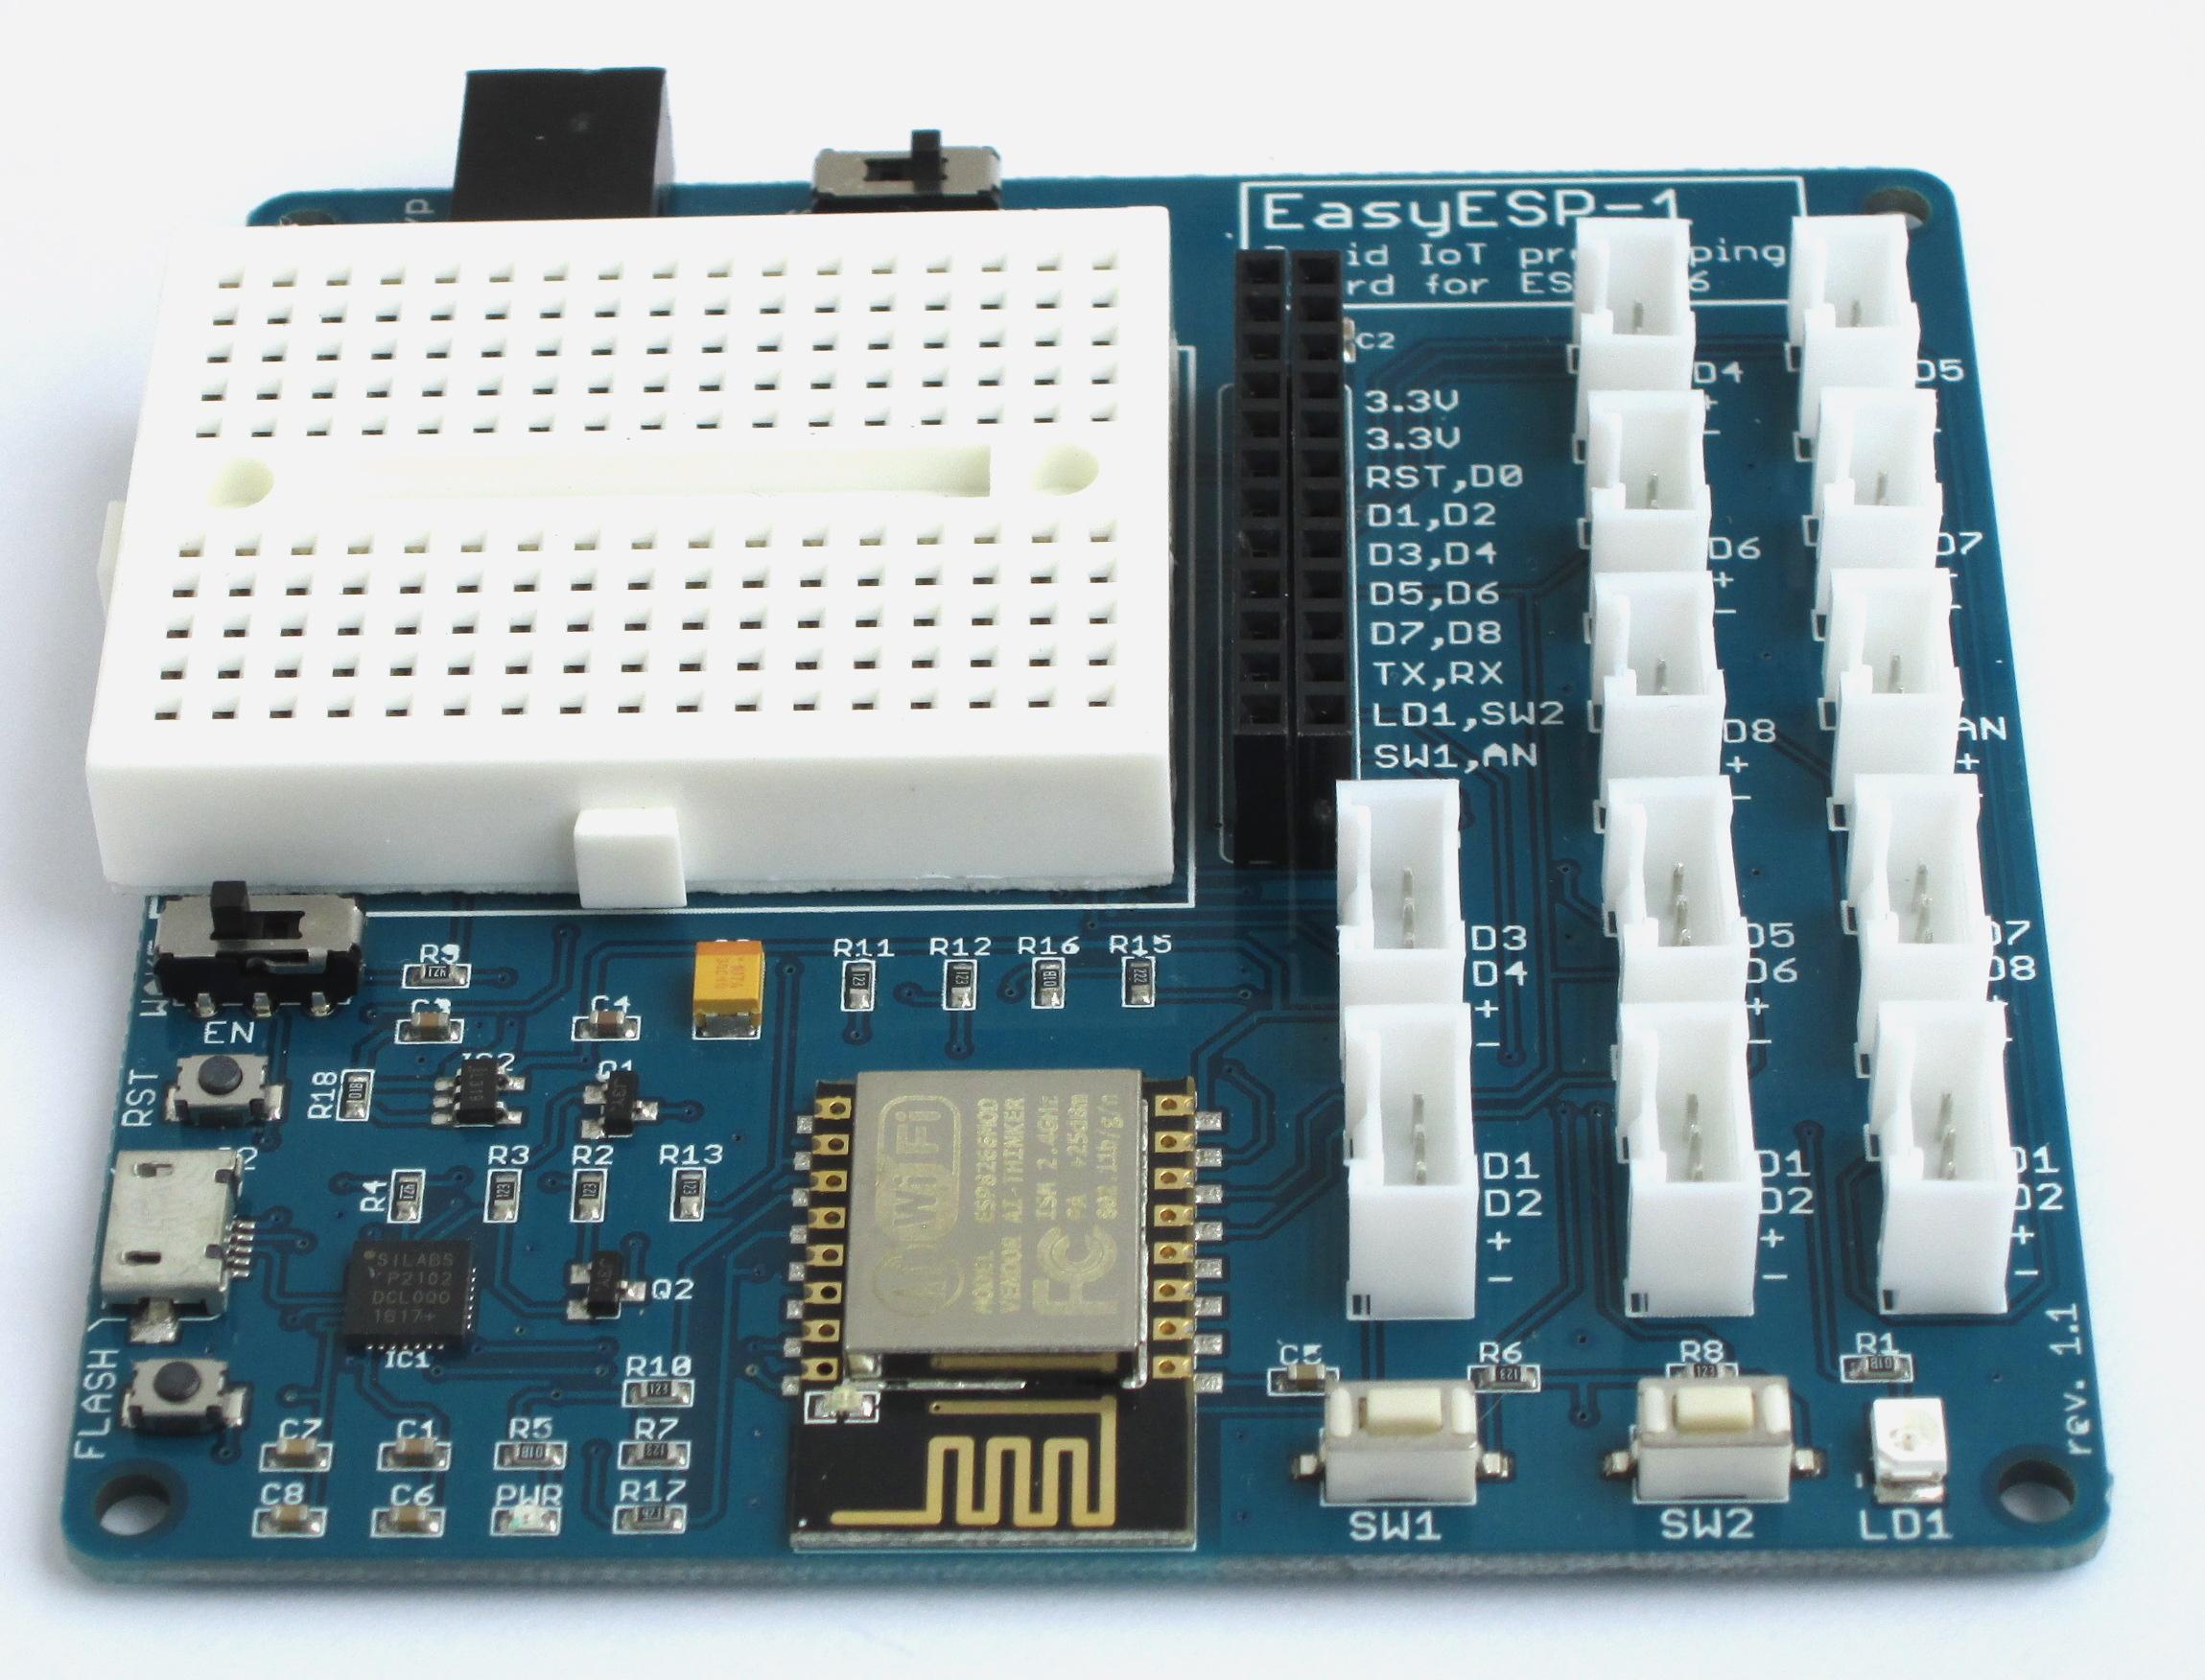 EasyESP-1 Development Board